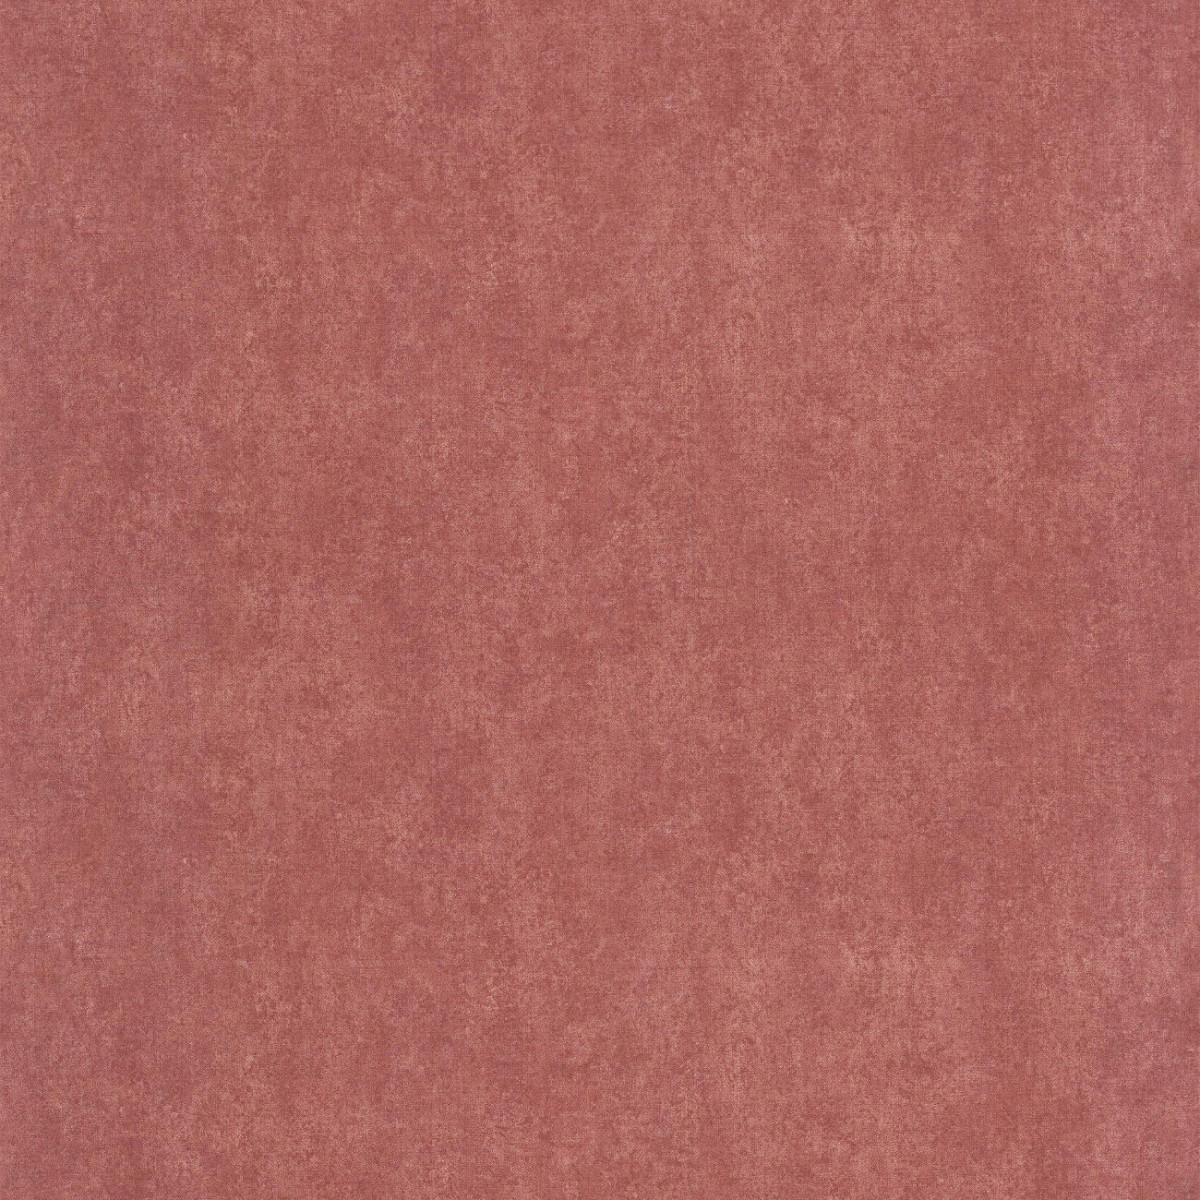 Обои флизелиновые Мир Авангард красные 1.06 м 45-219-01